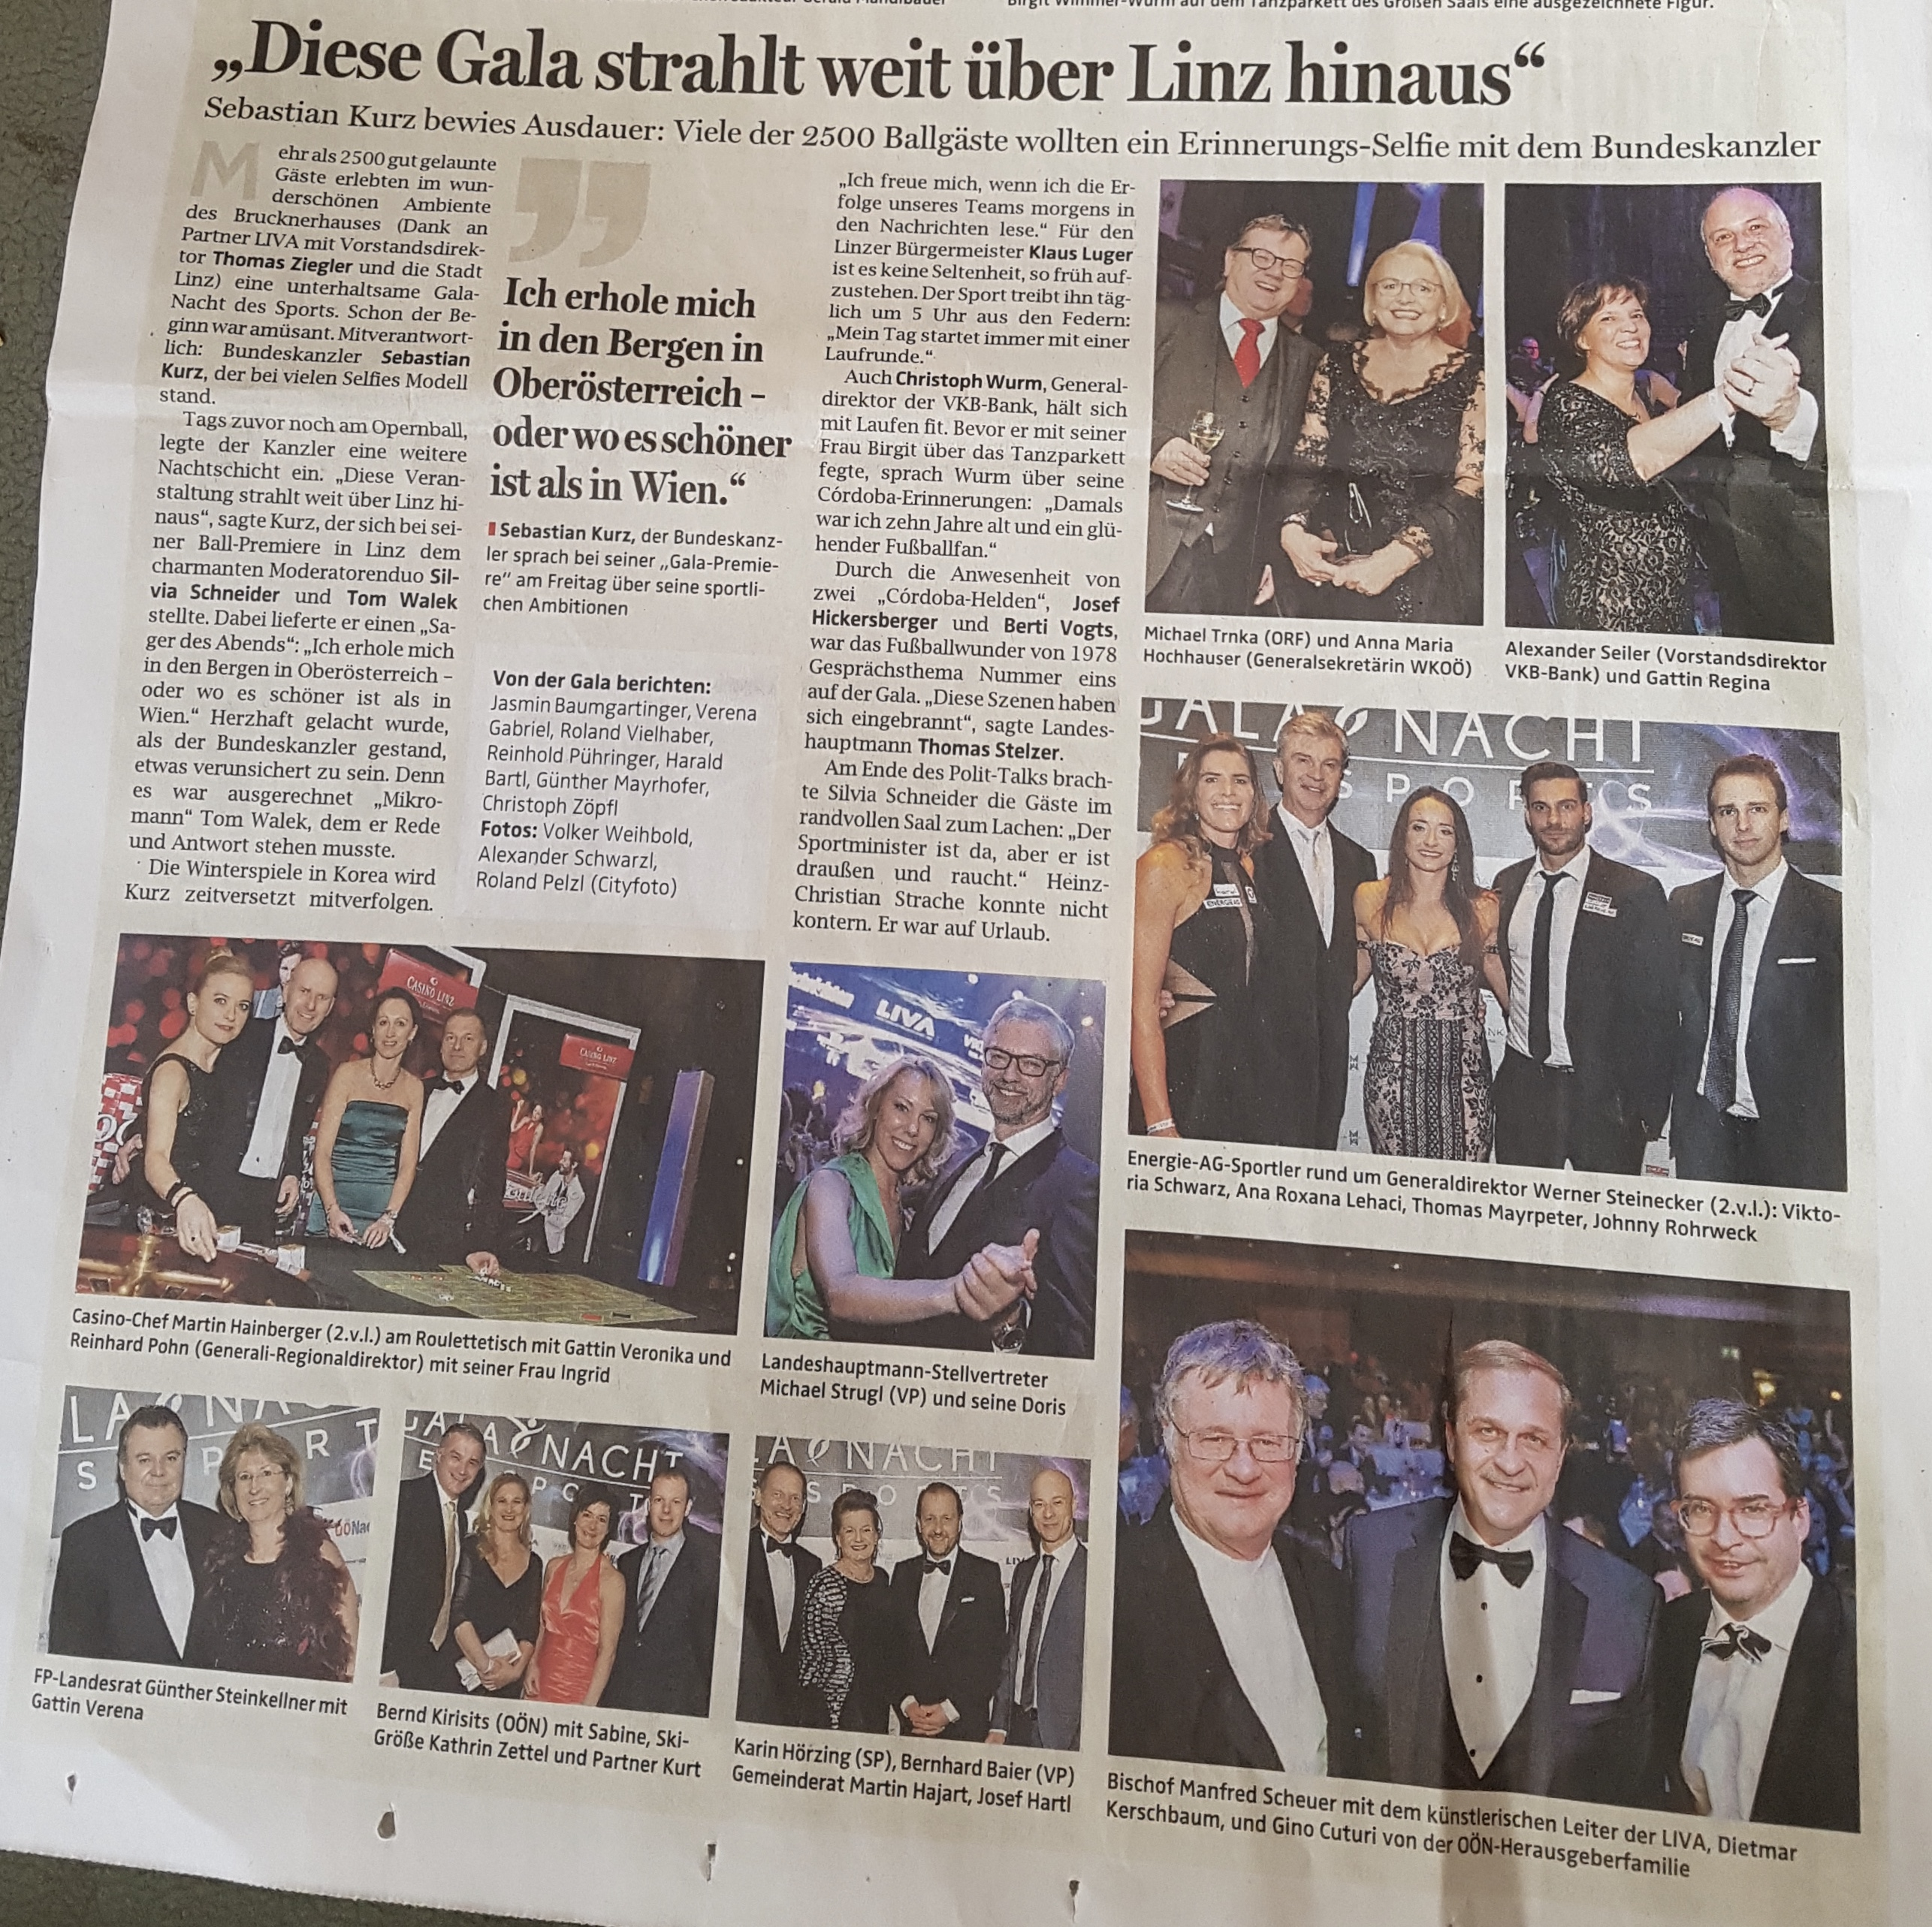 OÖN: Diese Gala strahlt weit über Linz hinaus